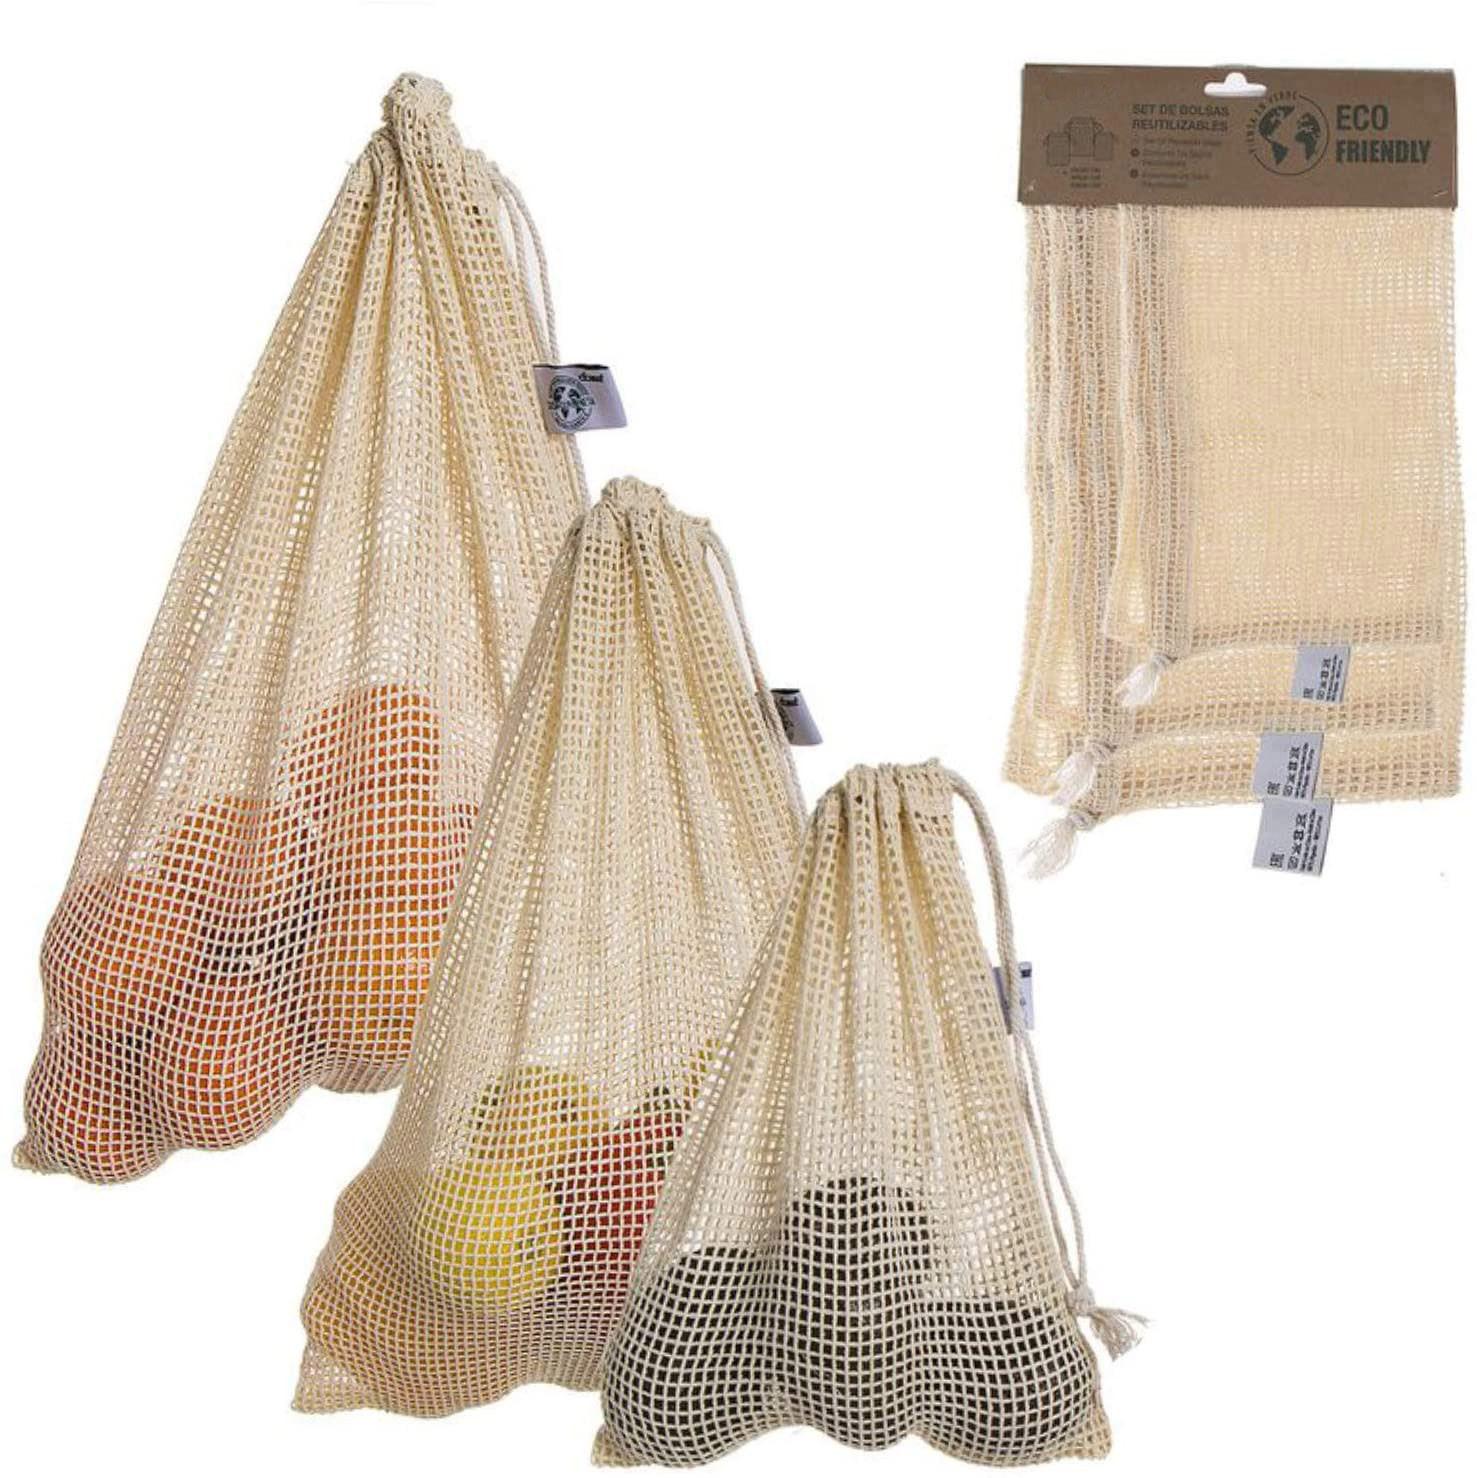 Bolsa Compra Reutilizable, Juego de 3 Bolsas de Malla Ecológica, 100% Algodón, Bolsas Portalimentos. 25x20cm/30x25cm/40x30cm